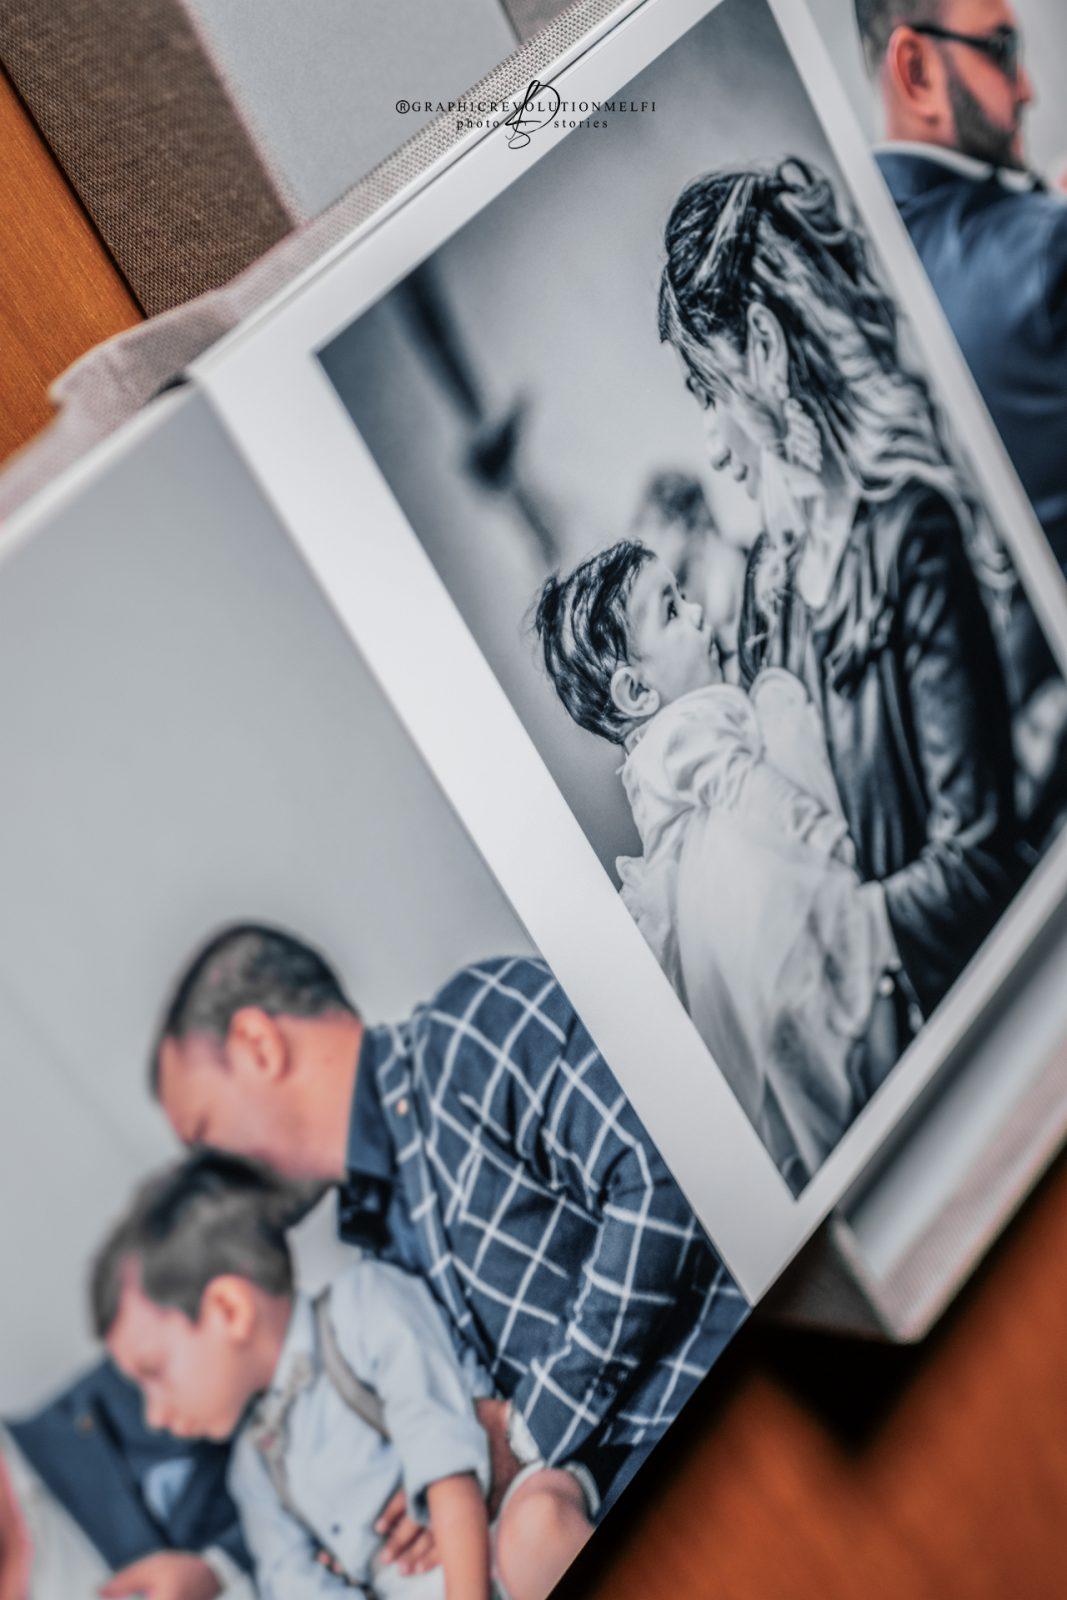 Album e stampe fotografiche in Basilicata fotografo melfi graphic revolution melfi